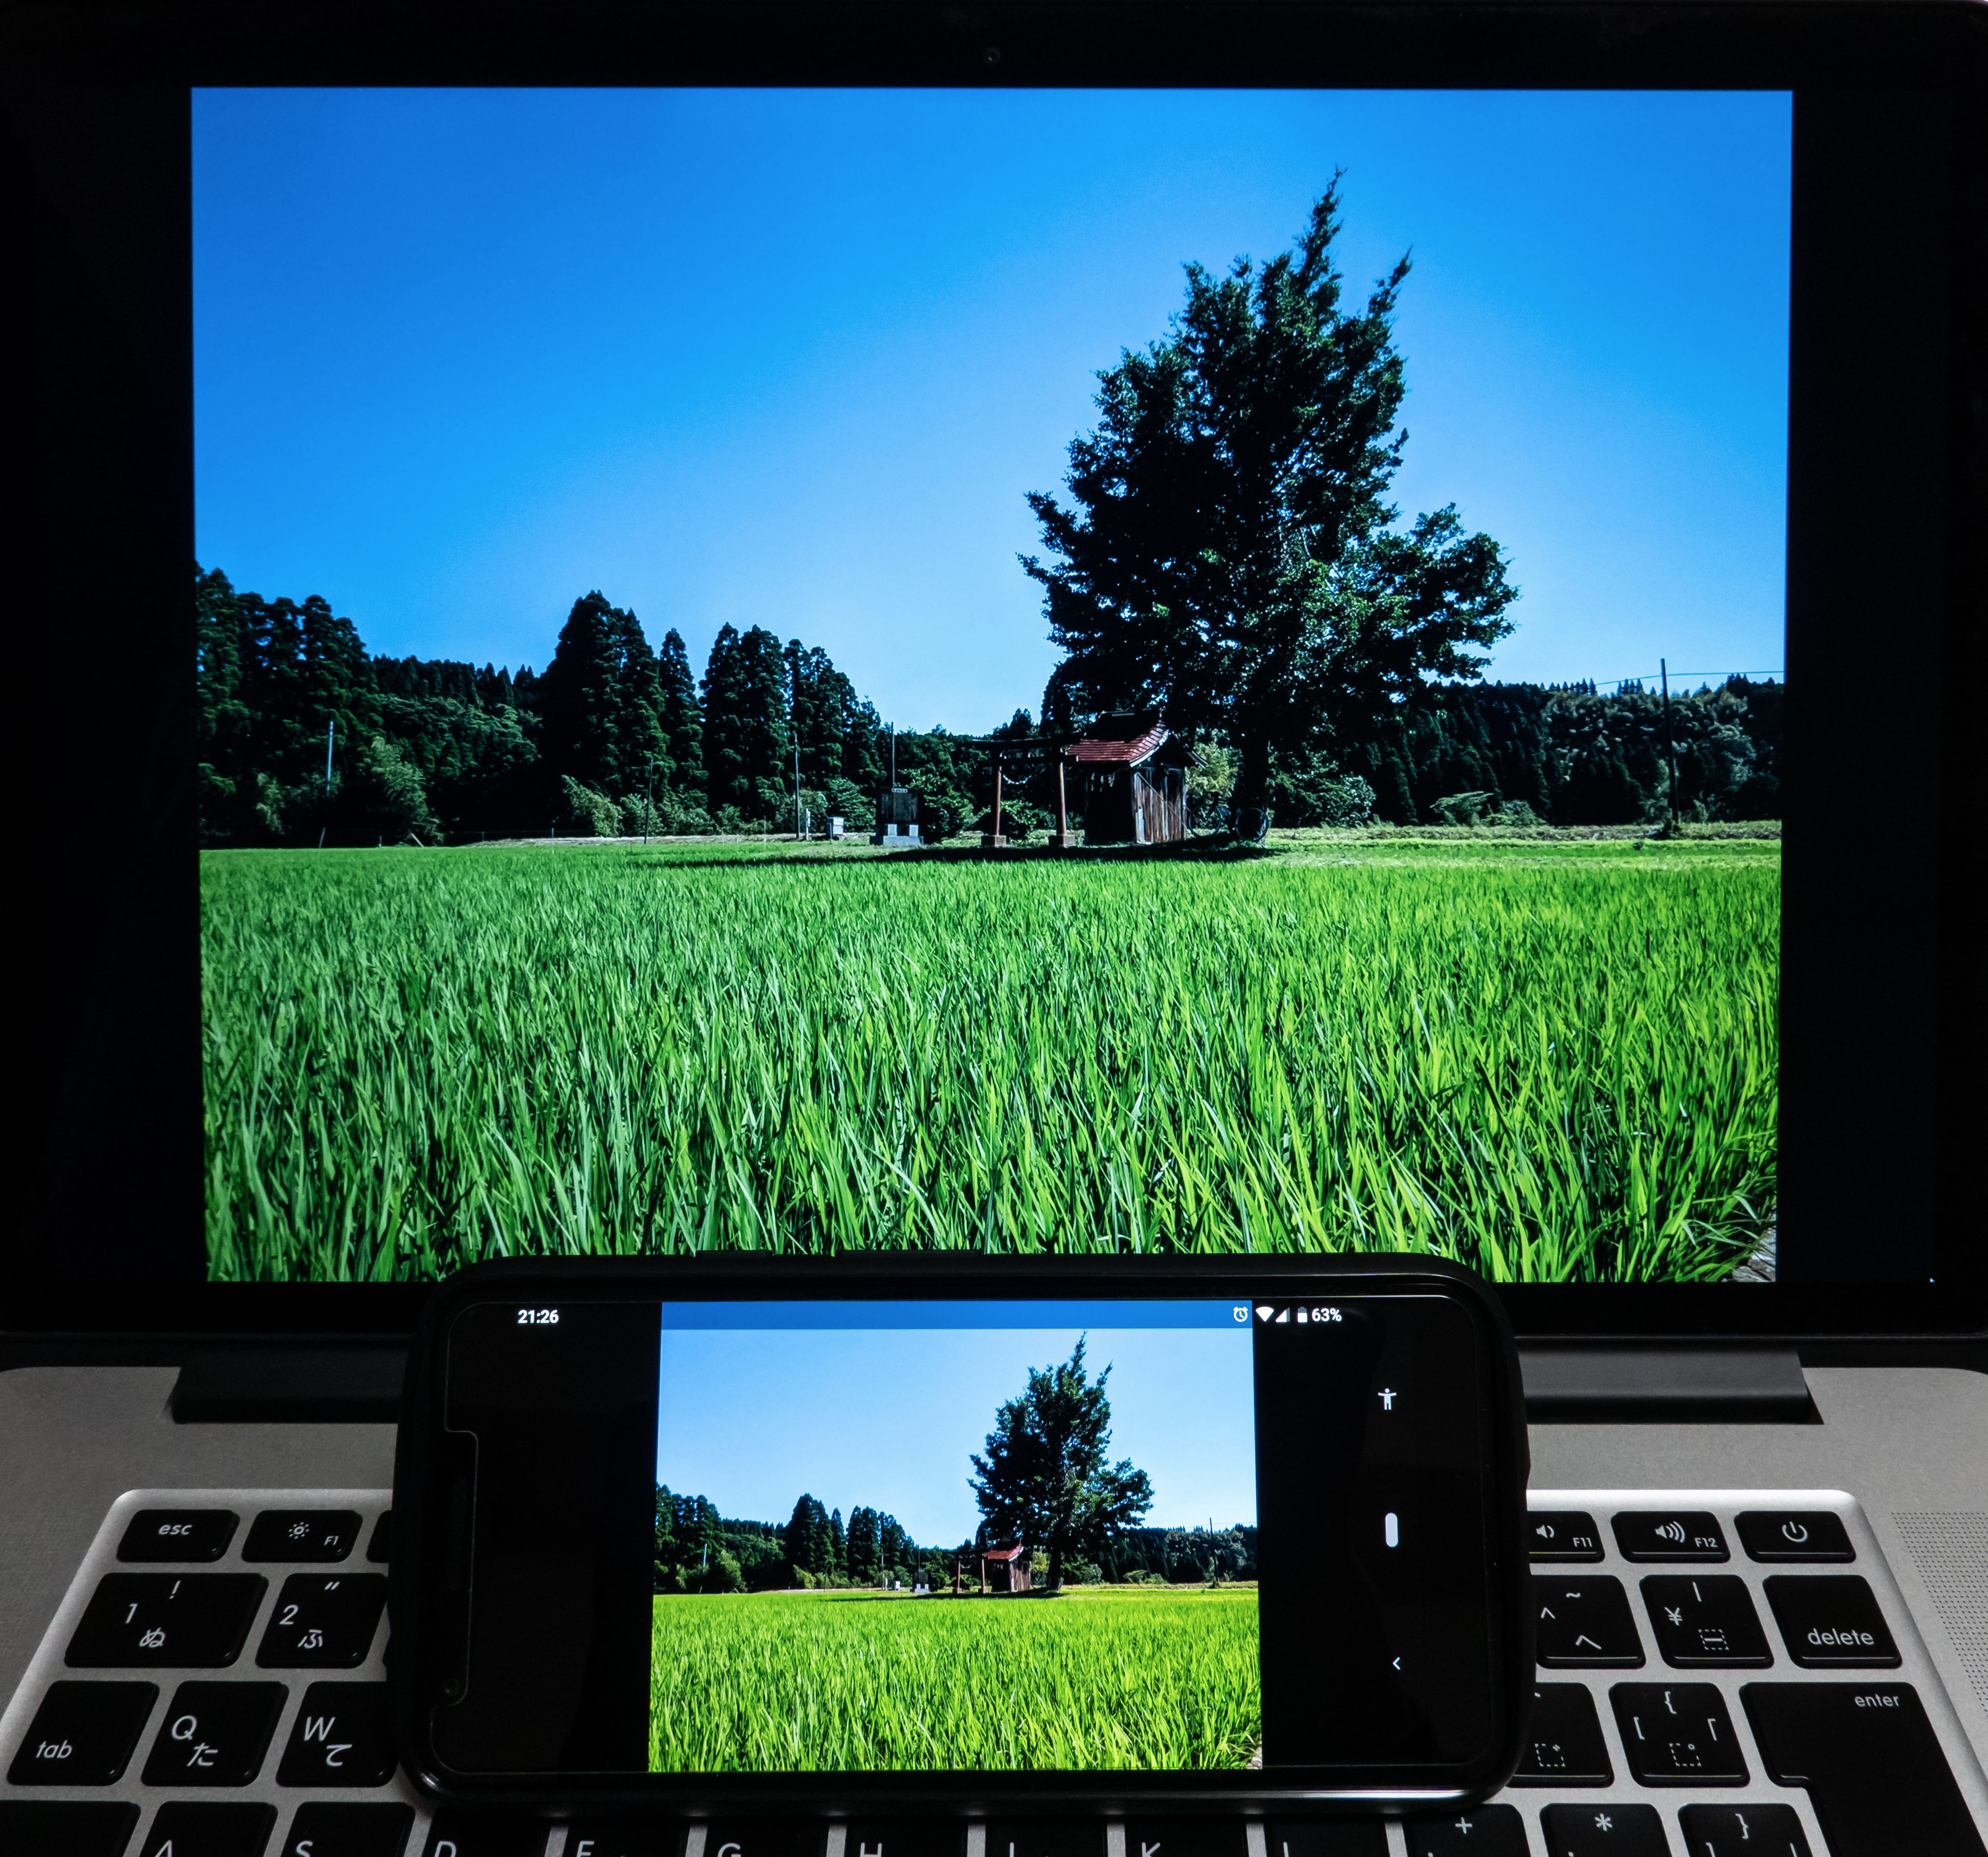 MacBookとPixel3aの画面を並べた